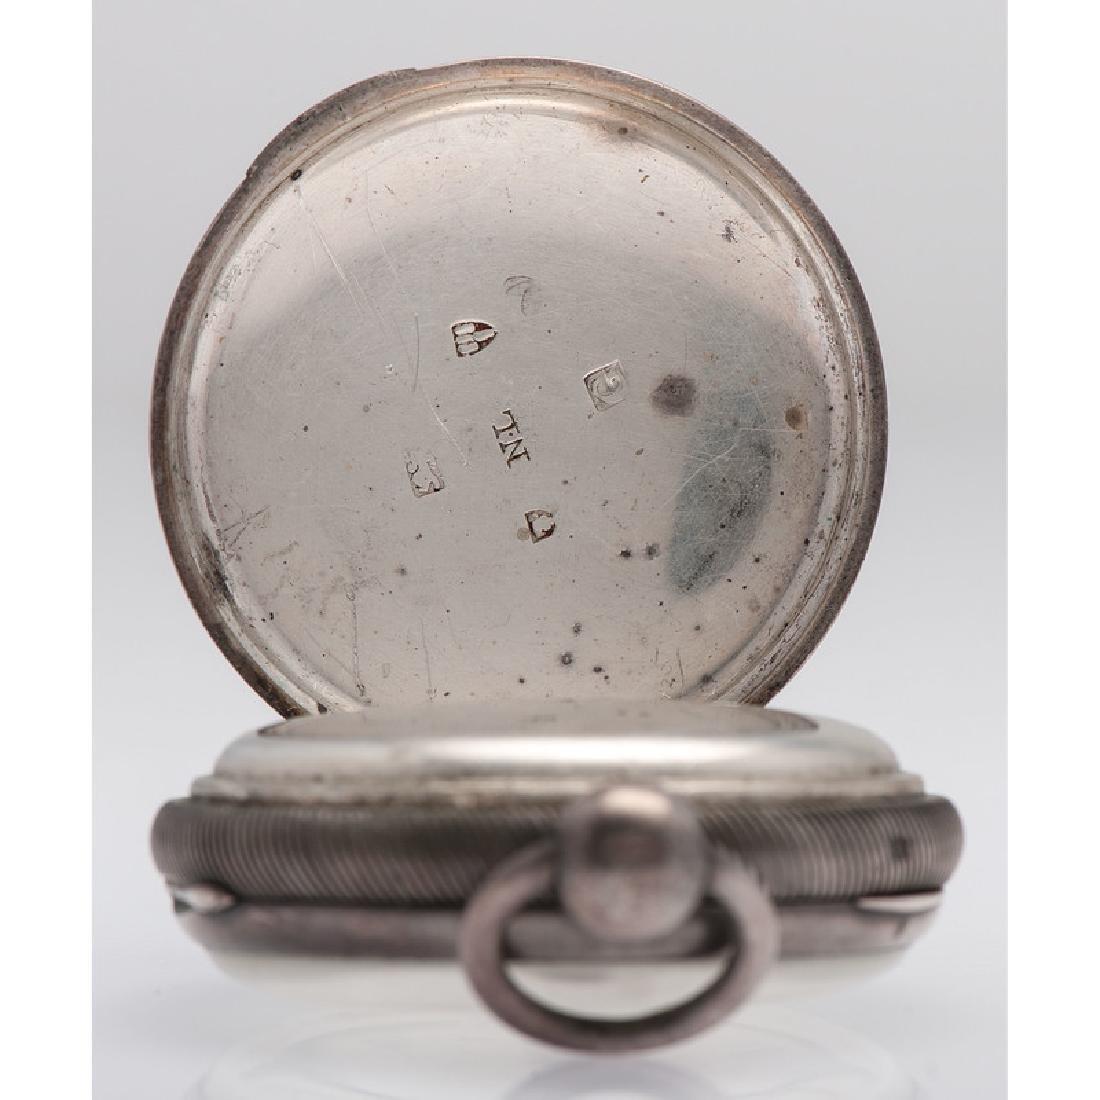 John Robinson Sterling Silver Open Face Pocket Watch - 3